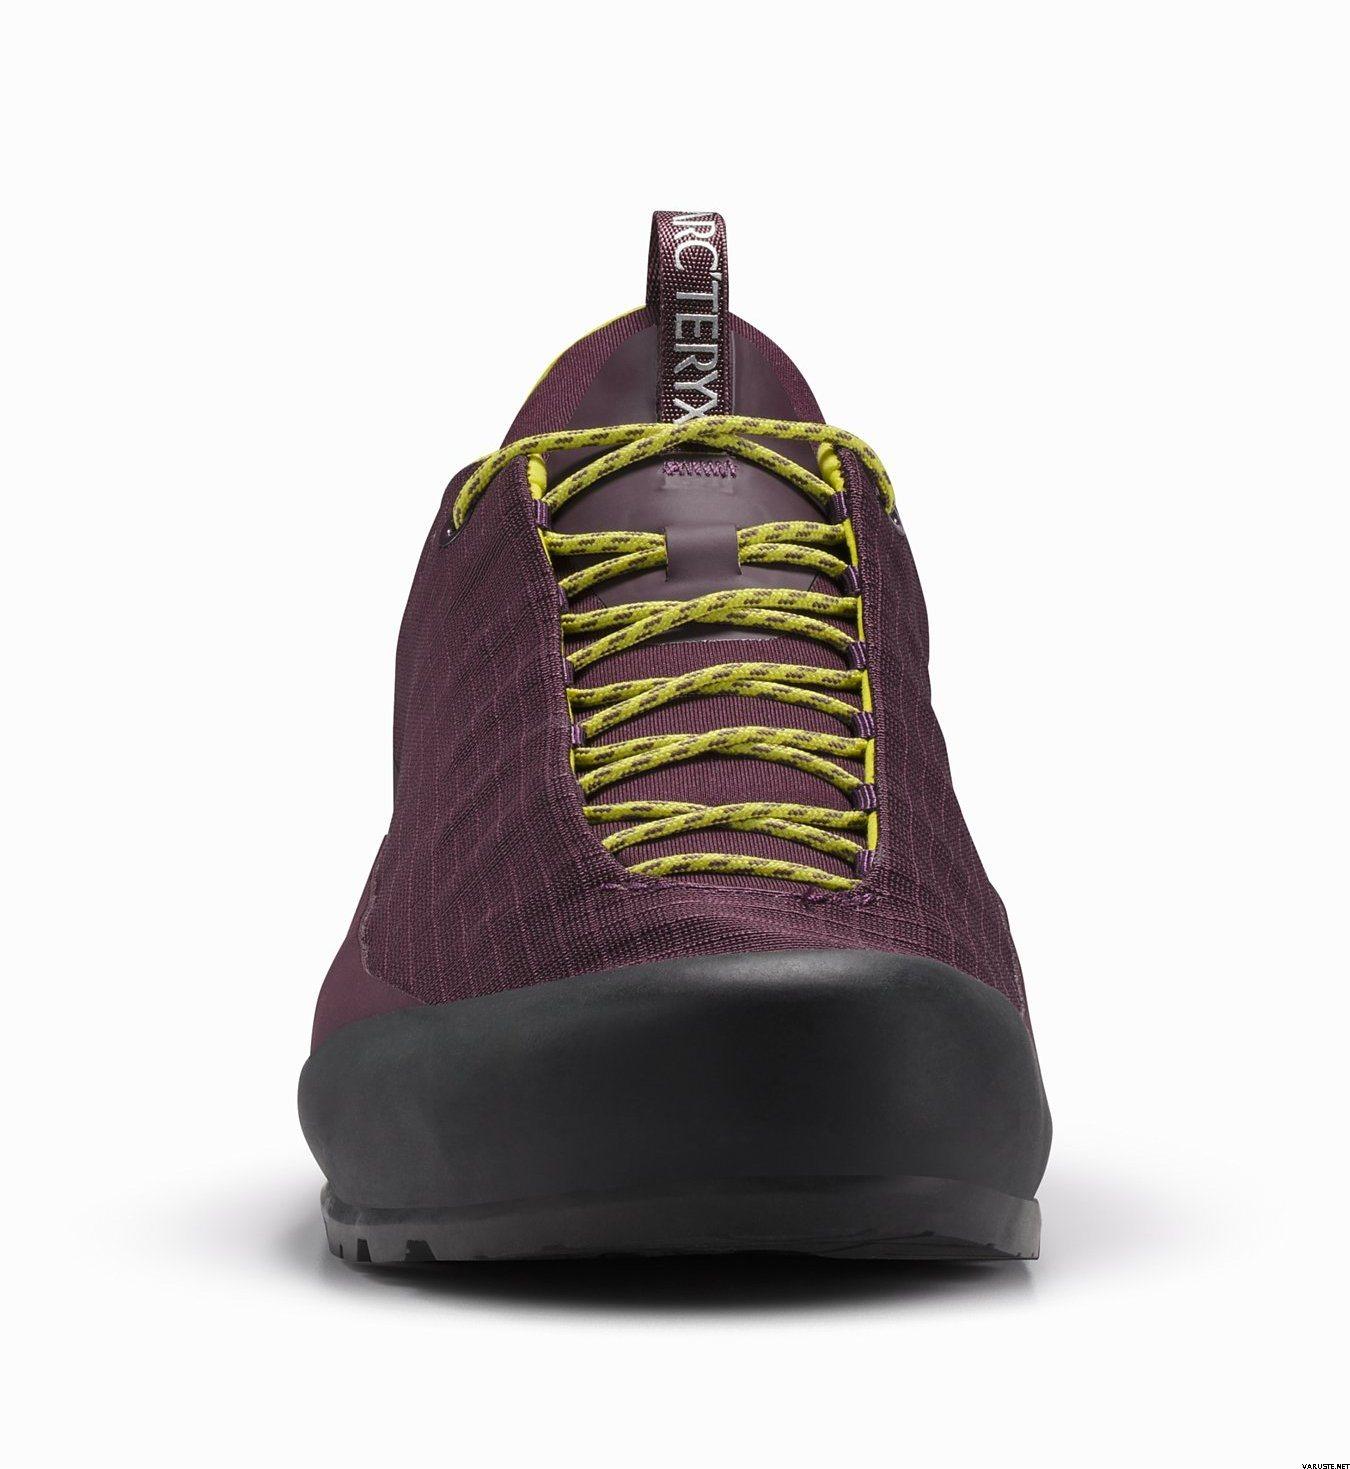 Purple Reign//Lumen Lime Arc/'teryx Konseal Fl Shoe Women/'s